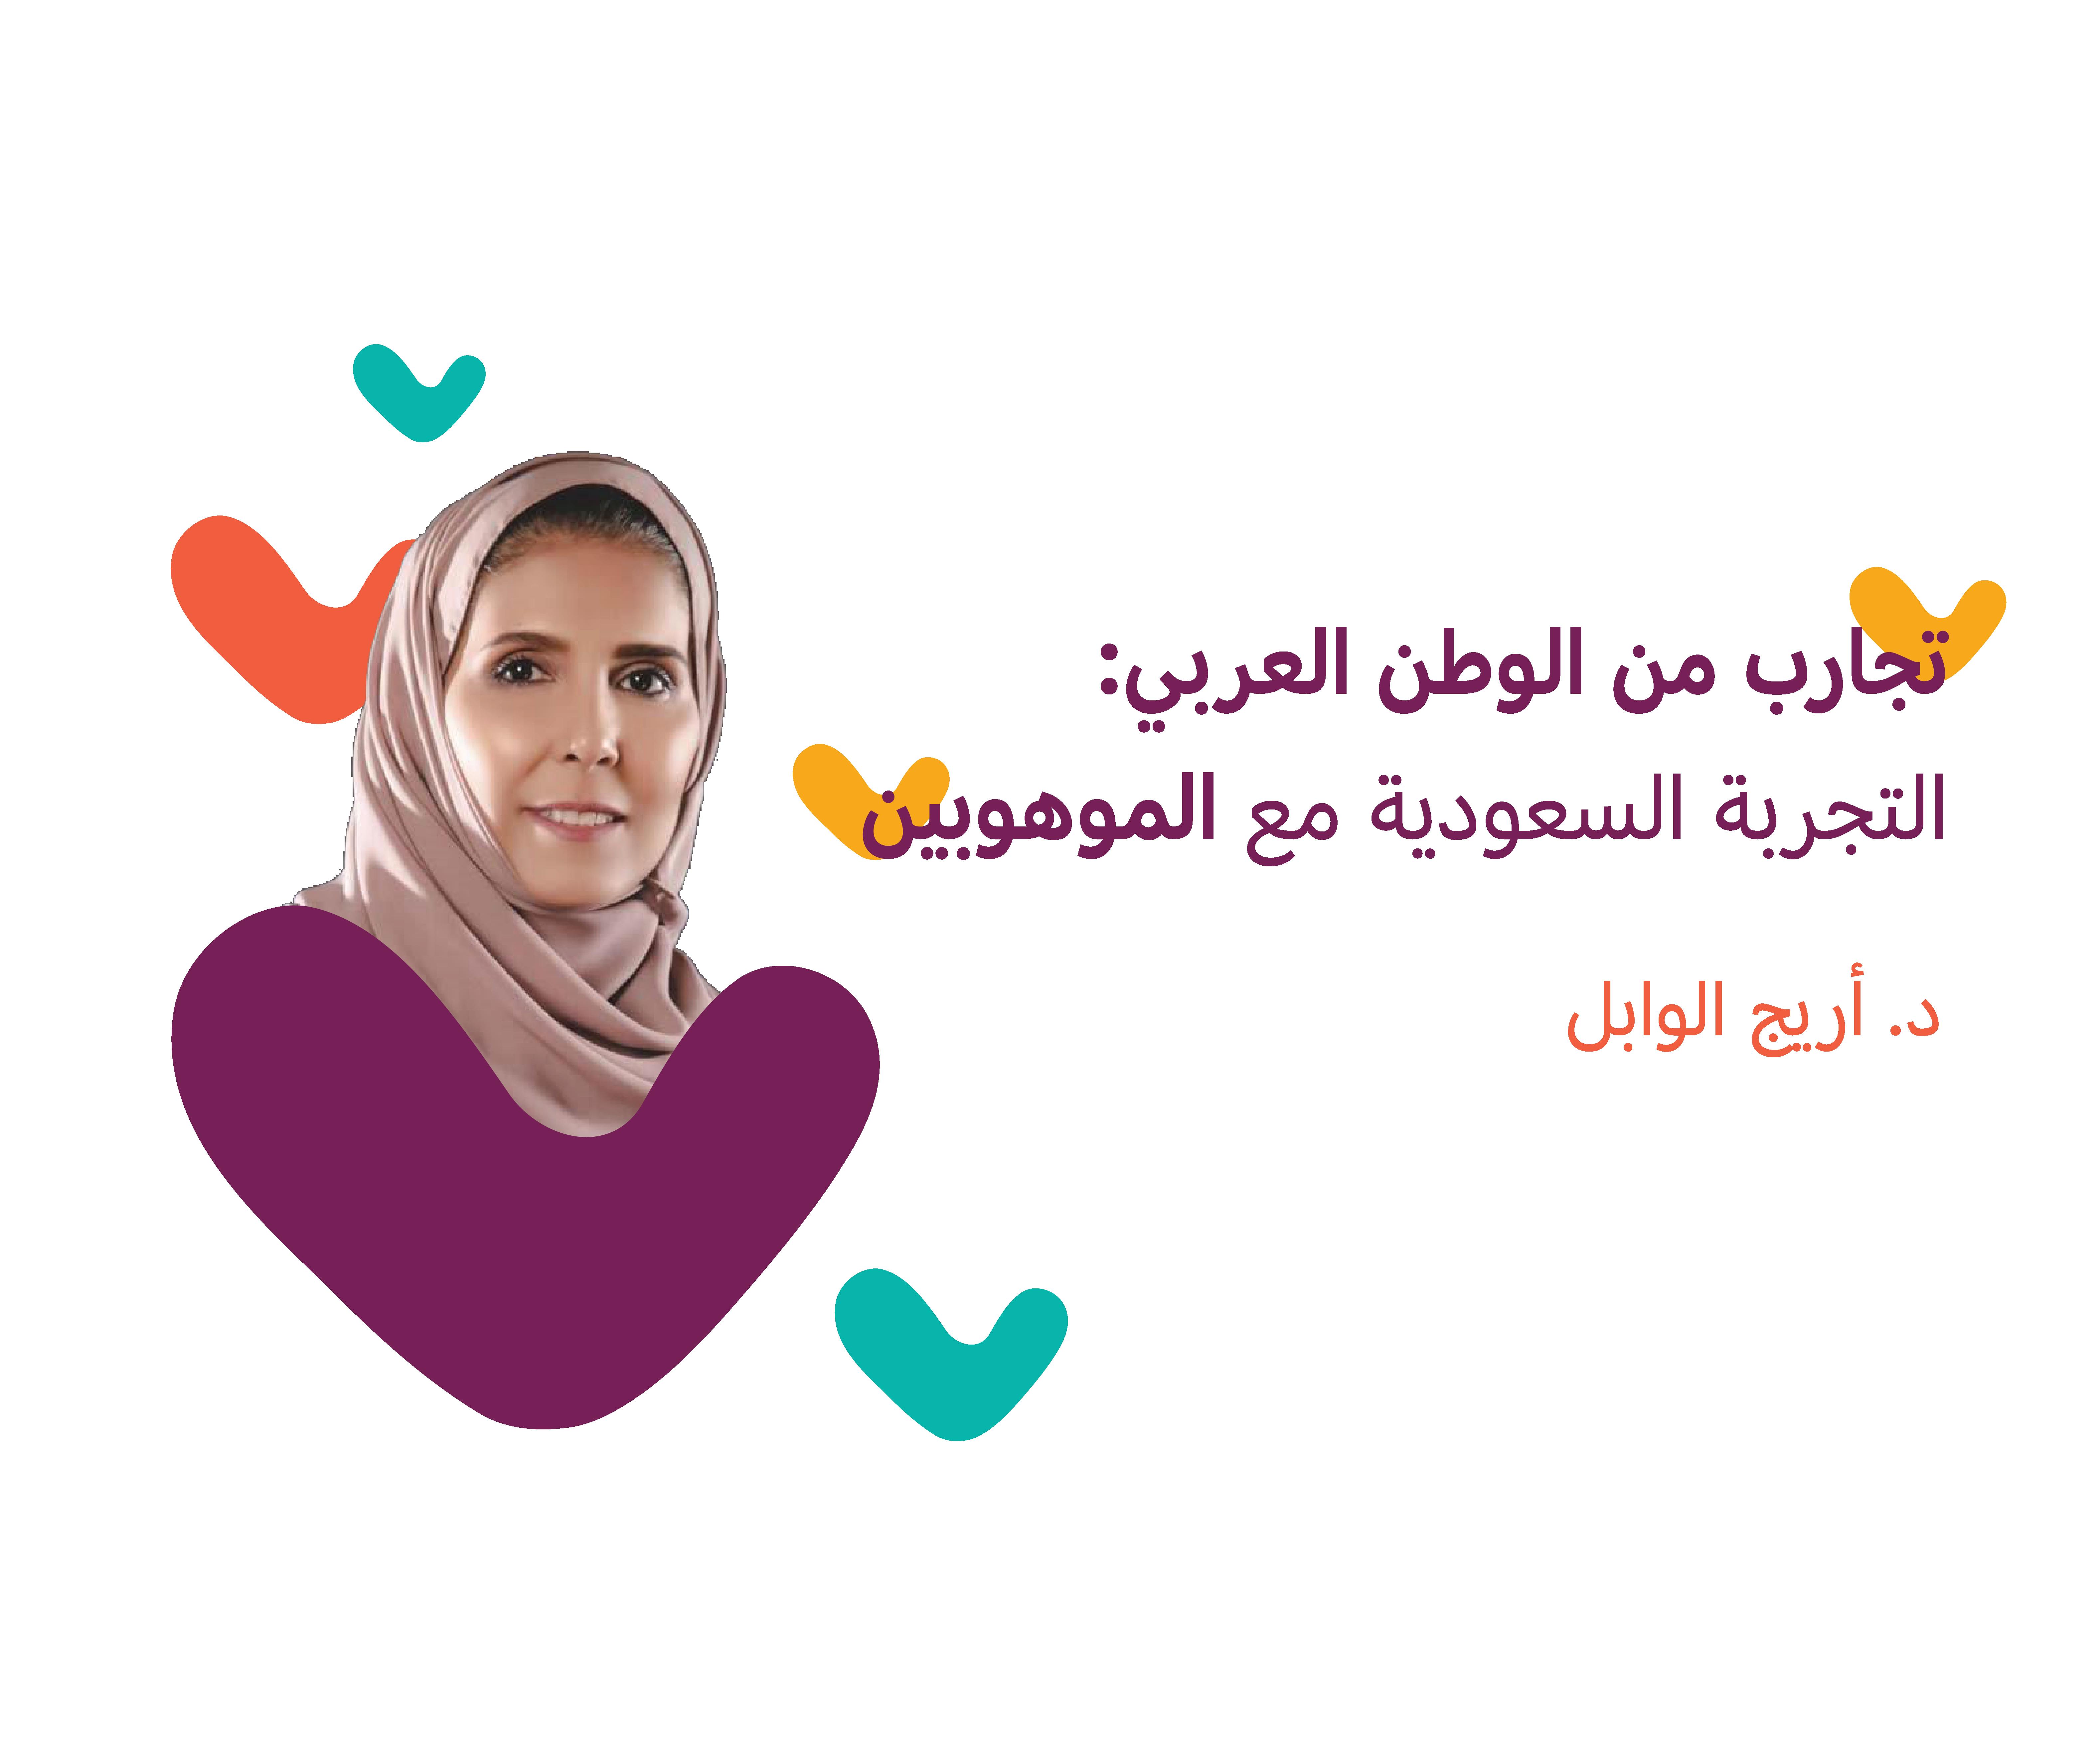 تجارب من الوطن العربي: التجربة السعودية مع الموهوبين